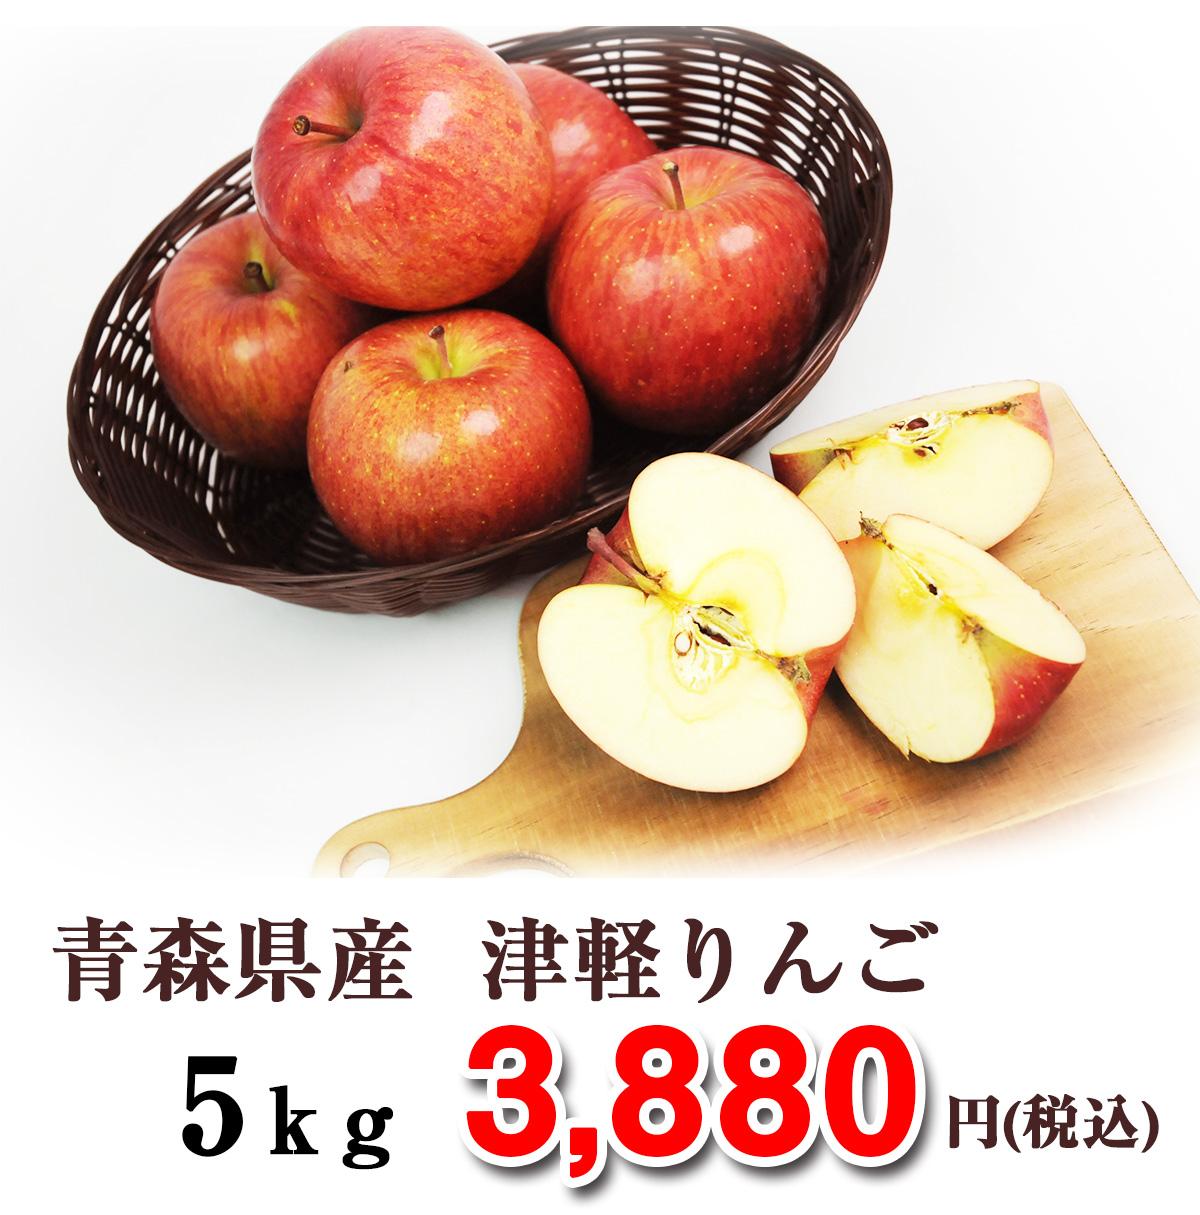 【国産りんご】 訳あり 青森県産りんご 5kg 慣行栽培